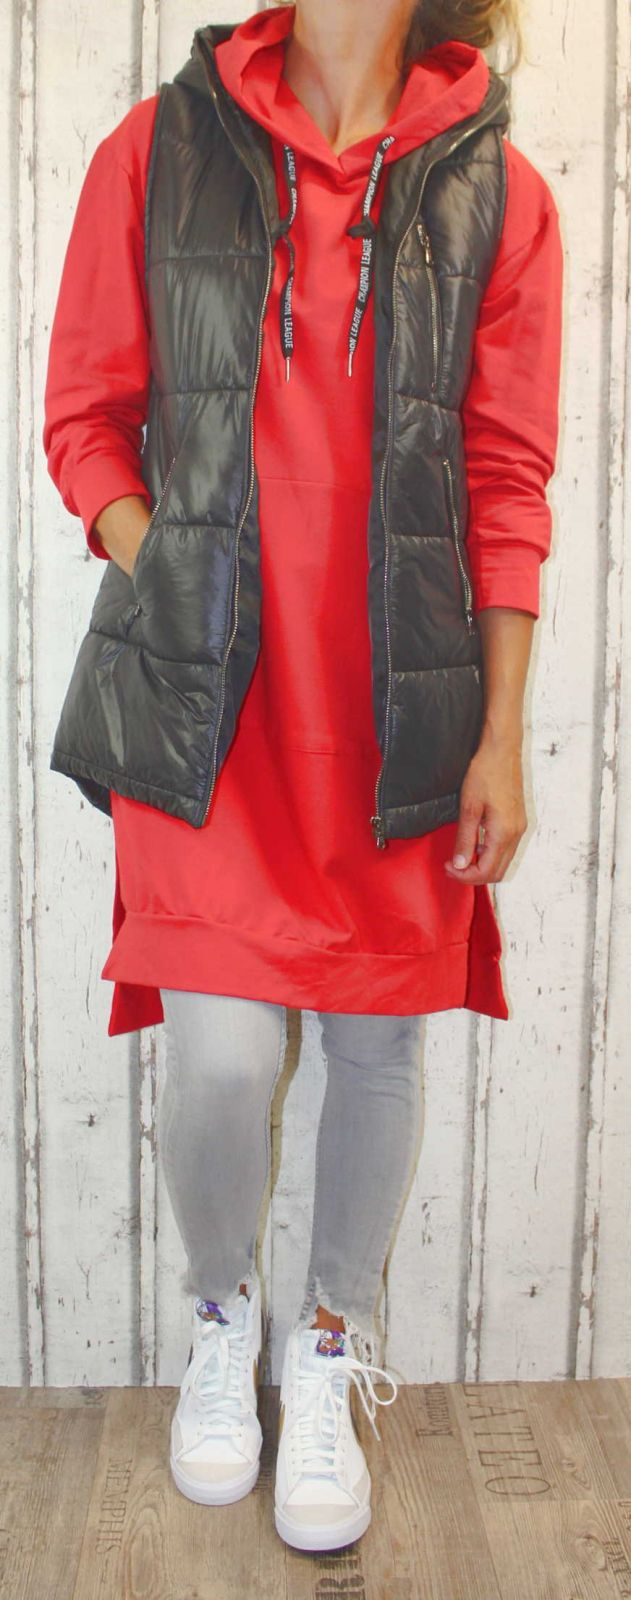 Dámská dlouhá vesta, dámská prošívaná vesta, dlouhá černá vesta, dámská vesta, černá vesta, vesta s kapucí Italy Moda